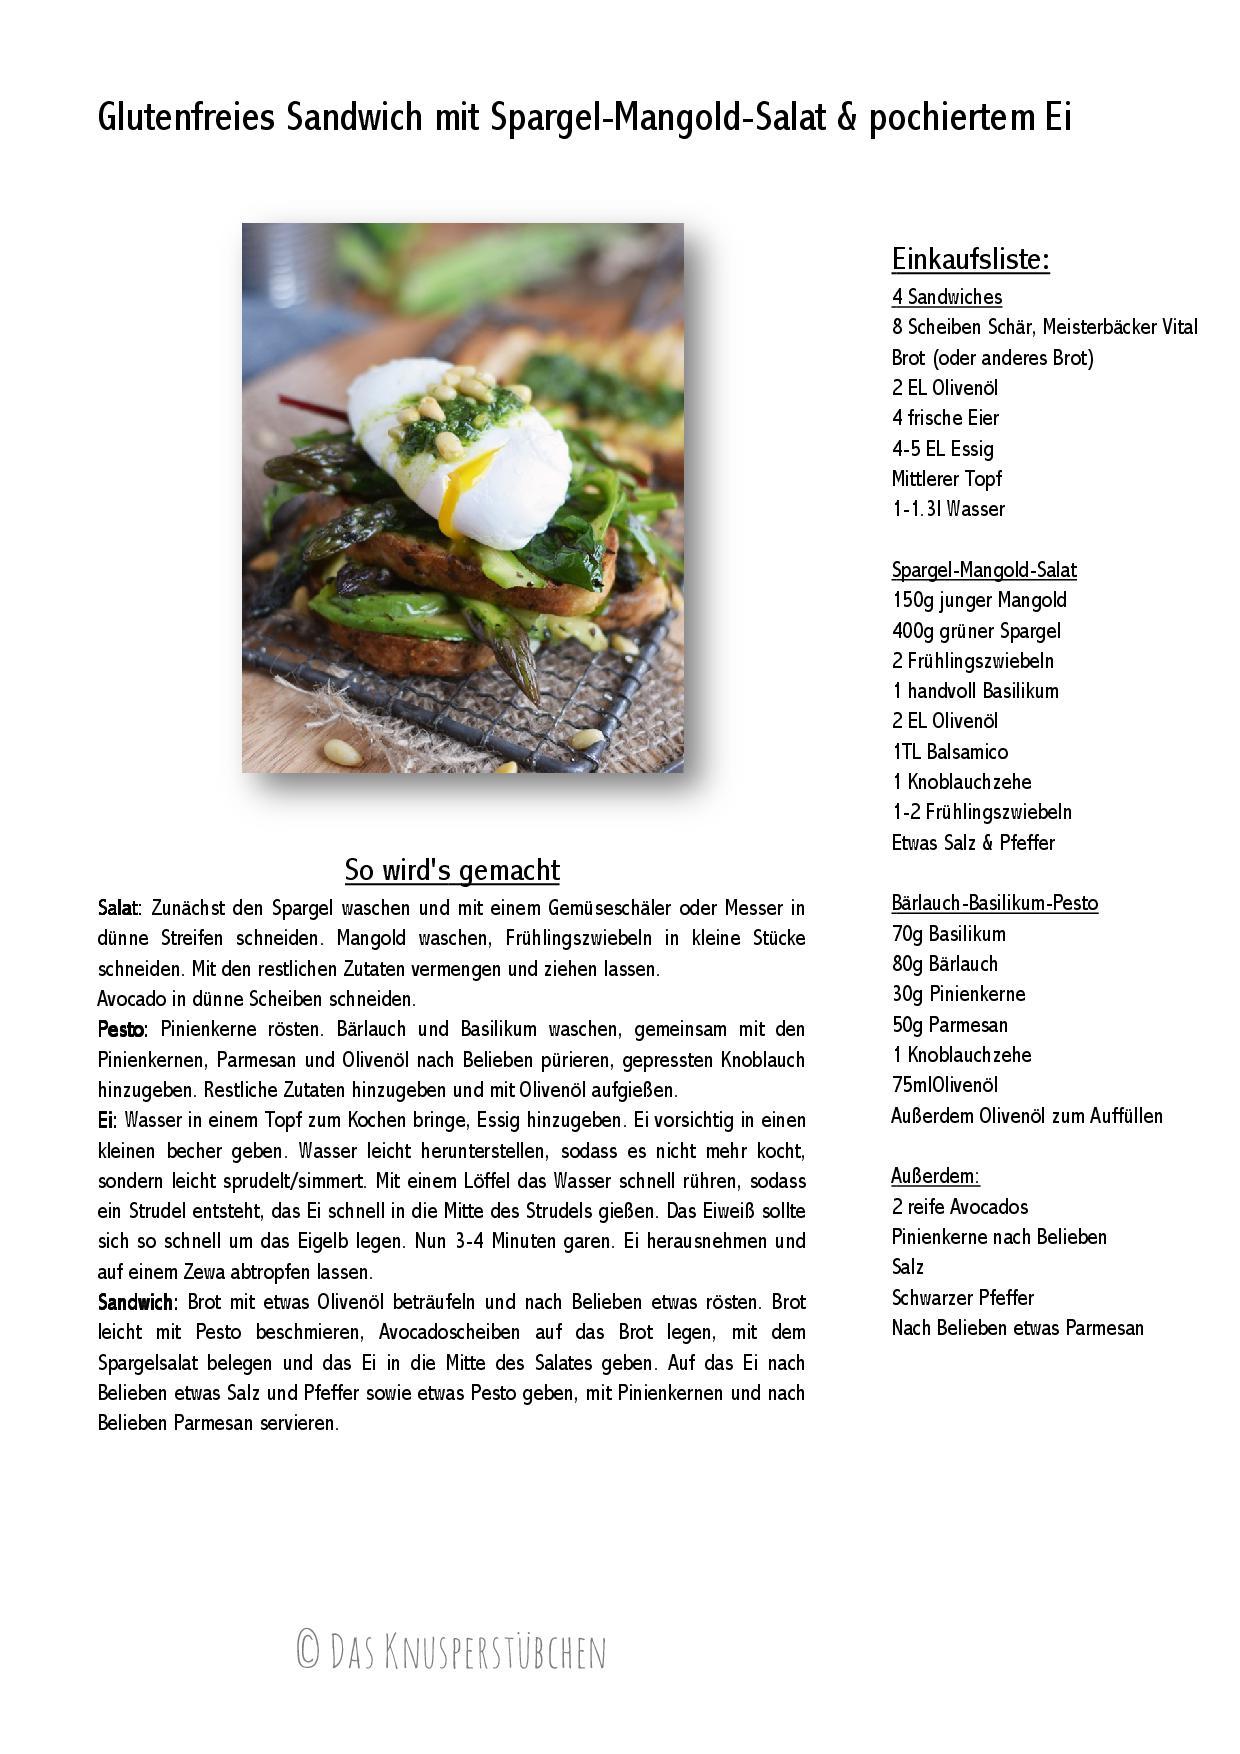 Glutenfreies Sandwich mit Spargel-Mangold-Salat & pochiertem Ei-001